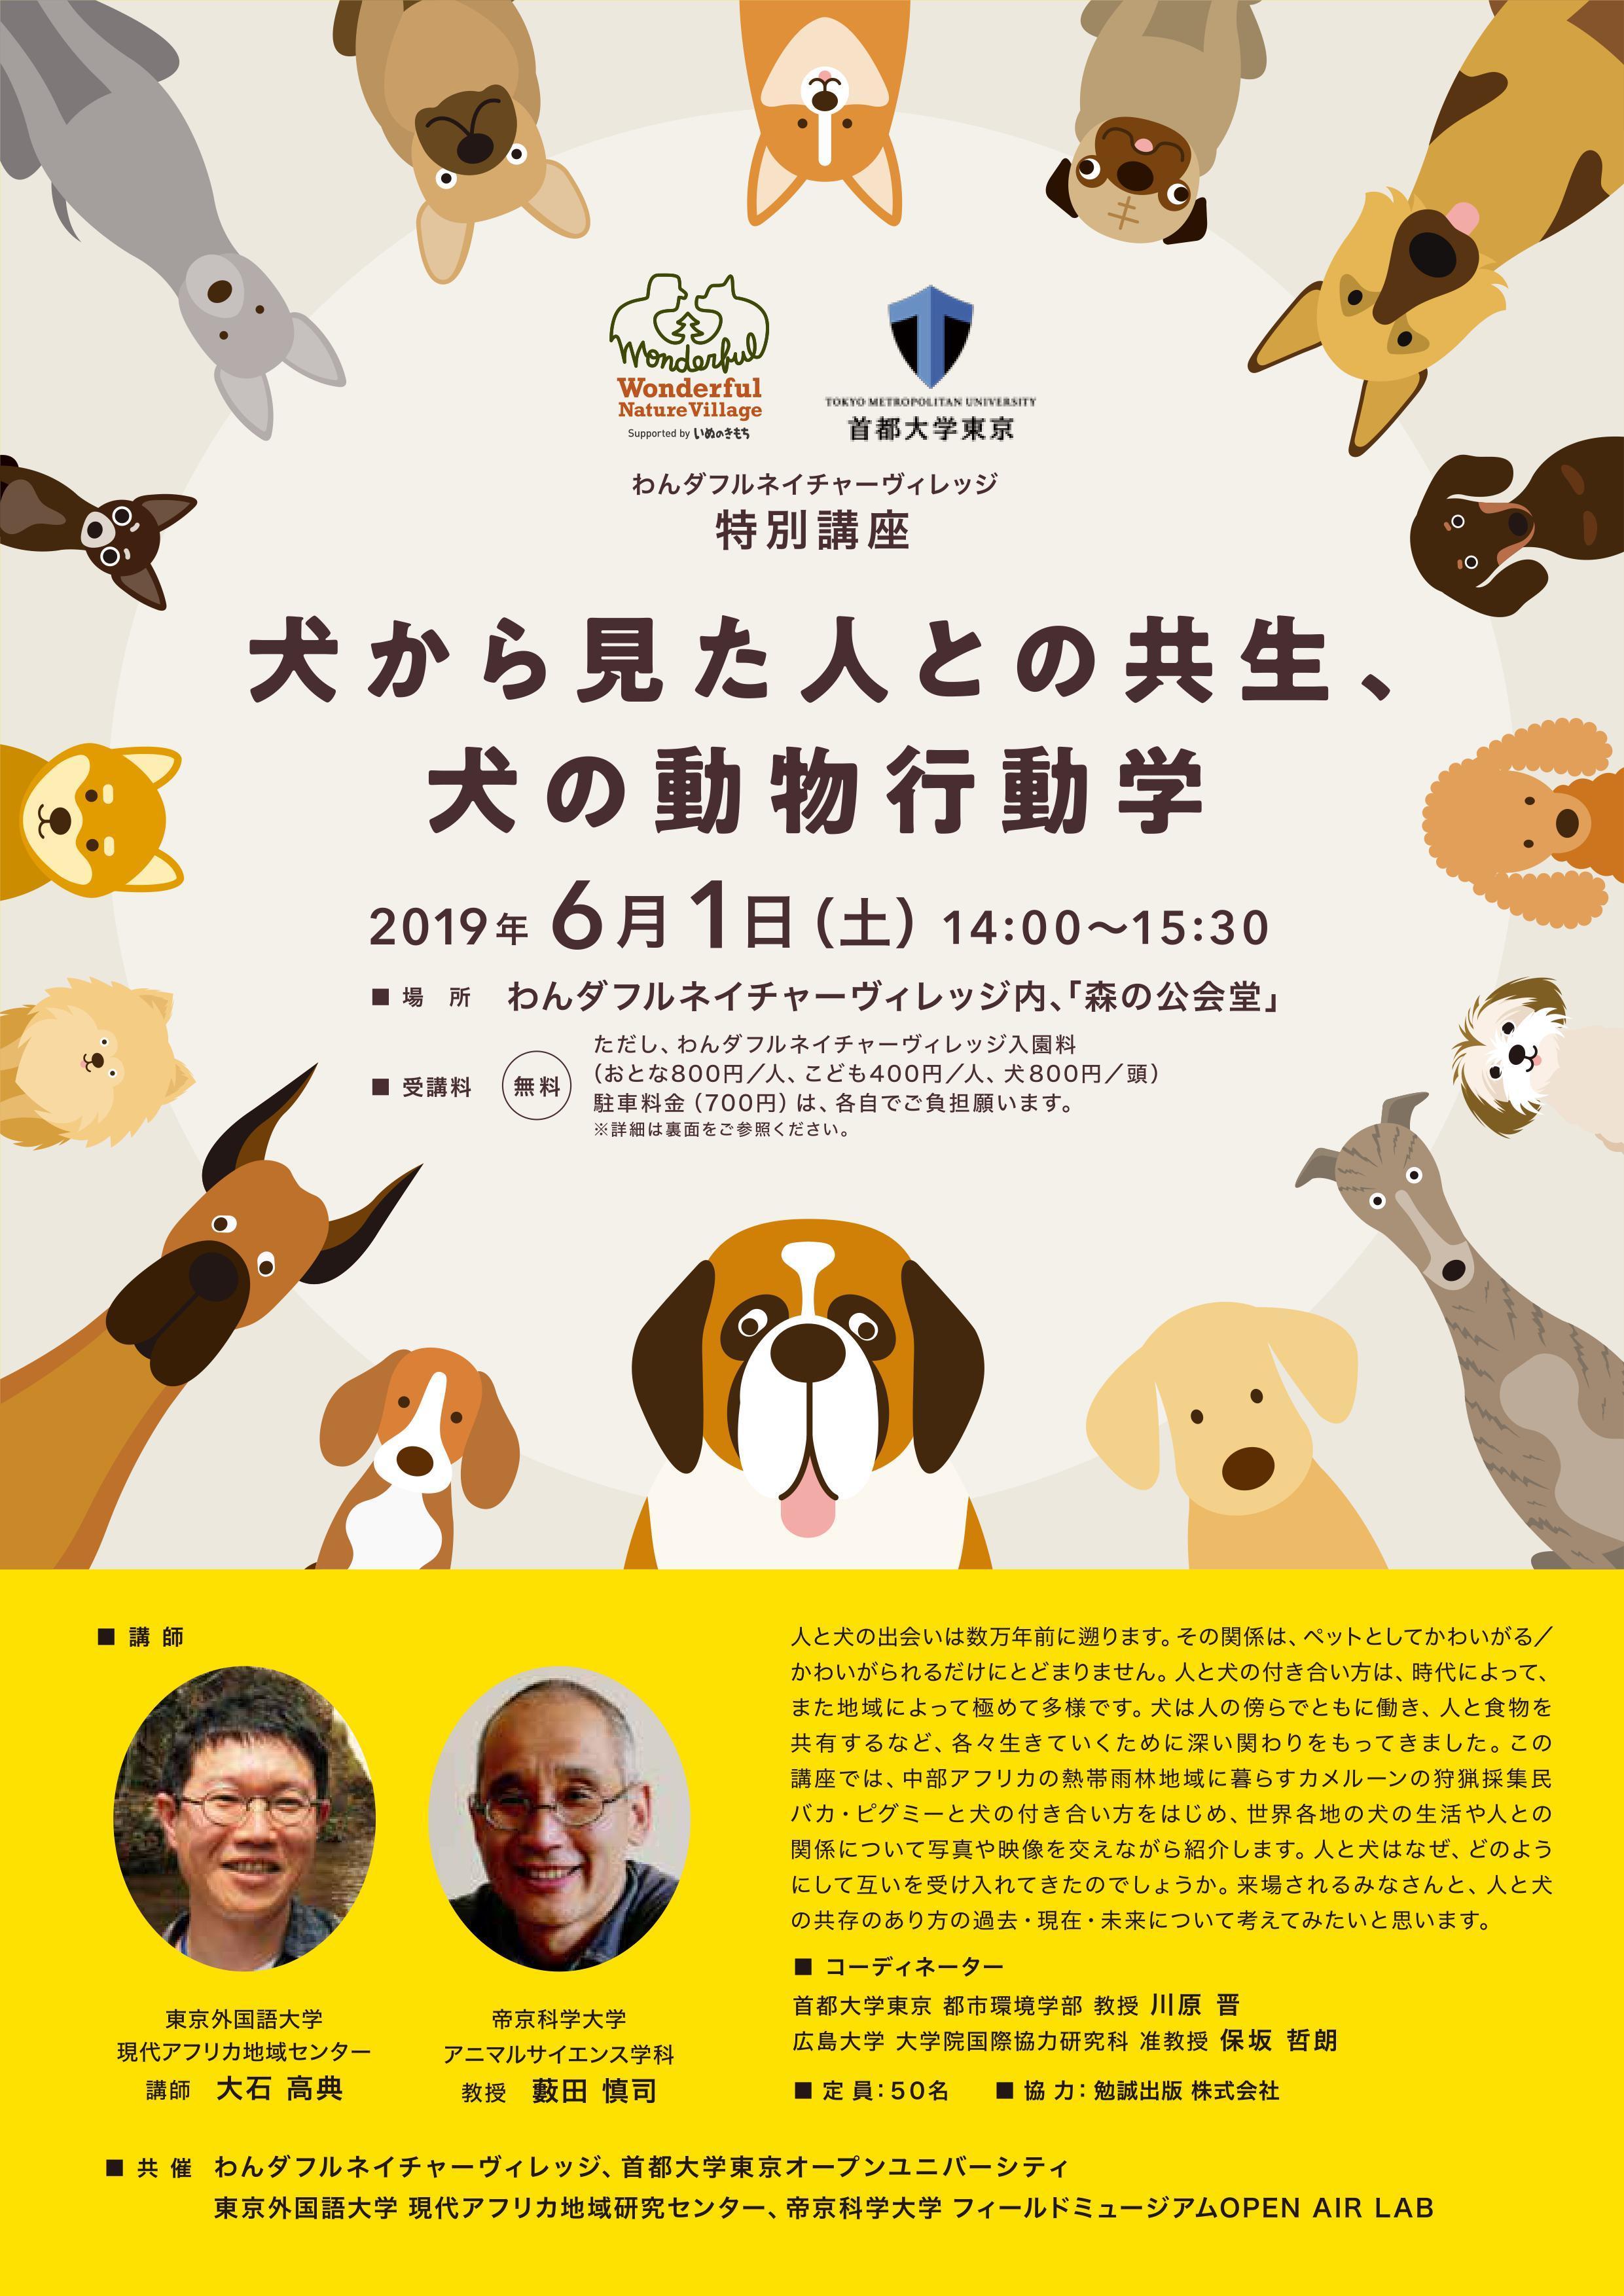 大石講師が、人と犬のつきあい方に関する特別講座で講演します